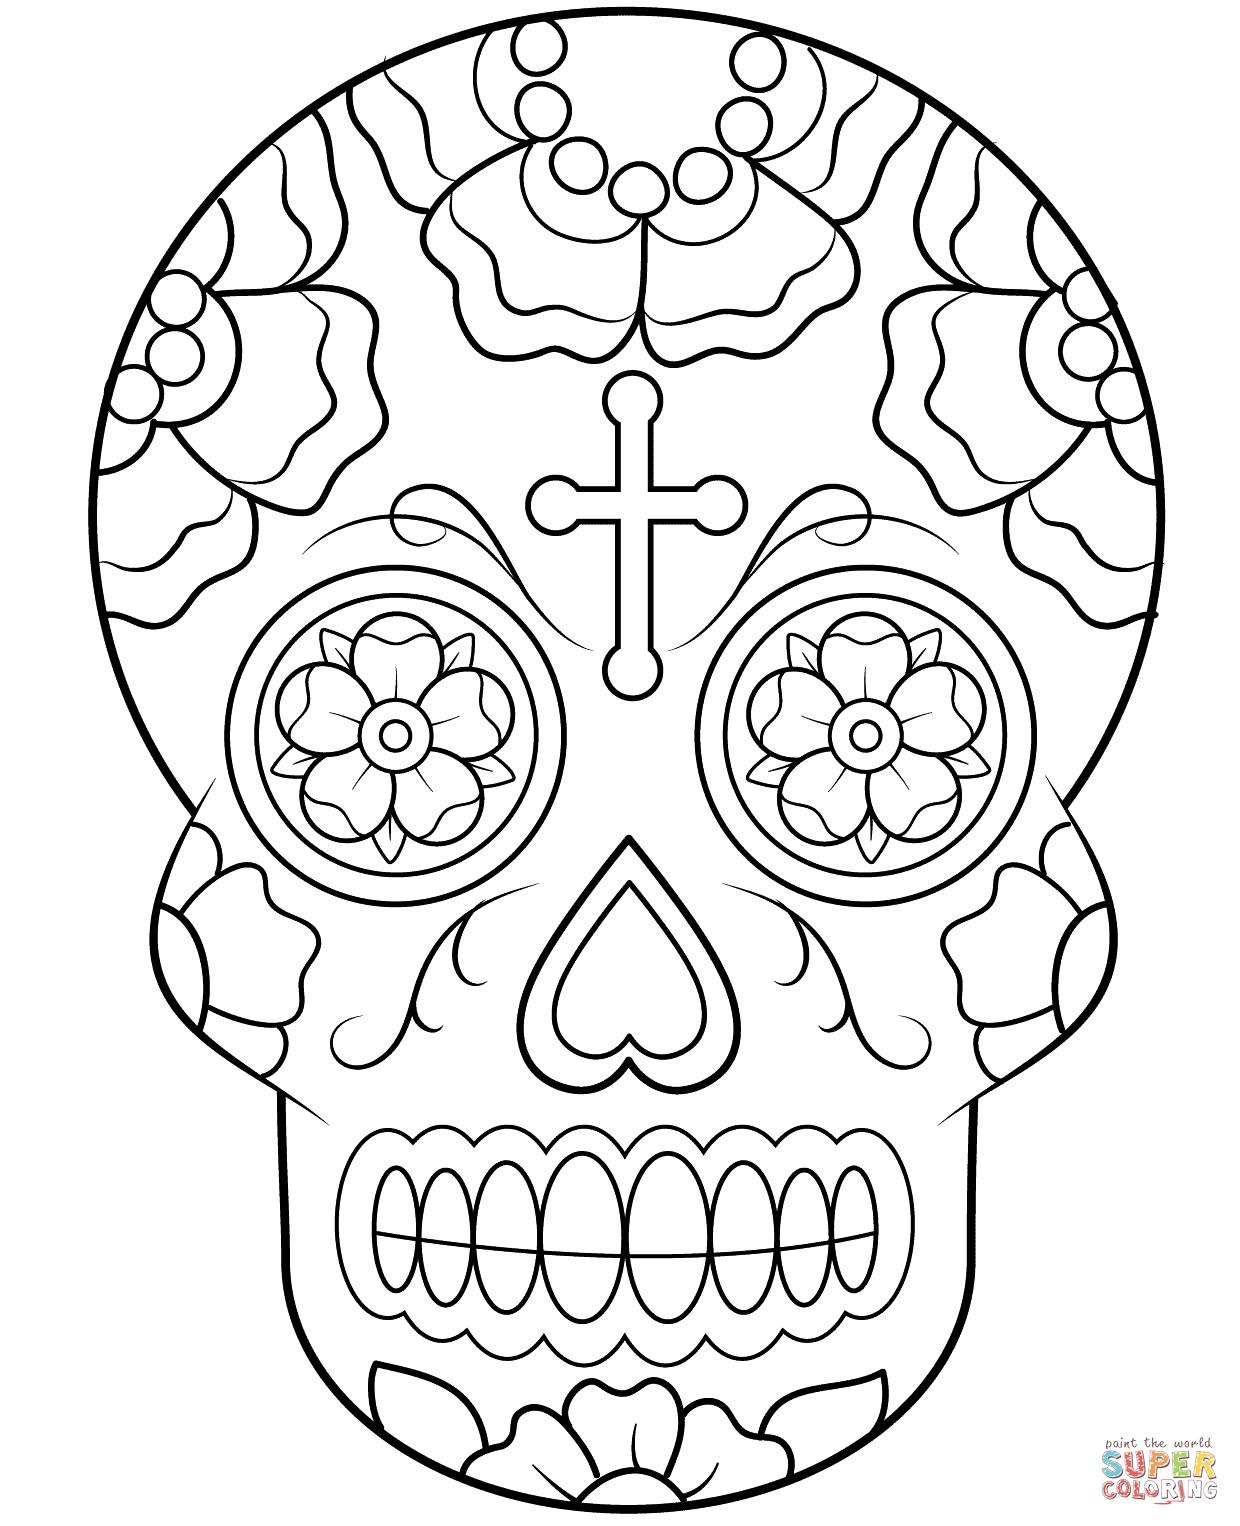 Ausmalbilder Zucker Schädel ( Calavera ) - Malvorlagen verwandt mit Totenkopf Zum Ausmalen